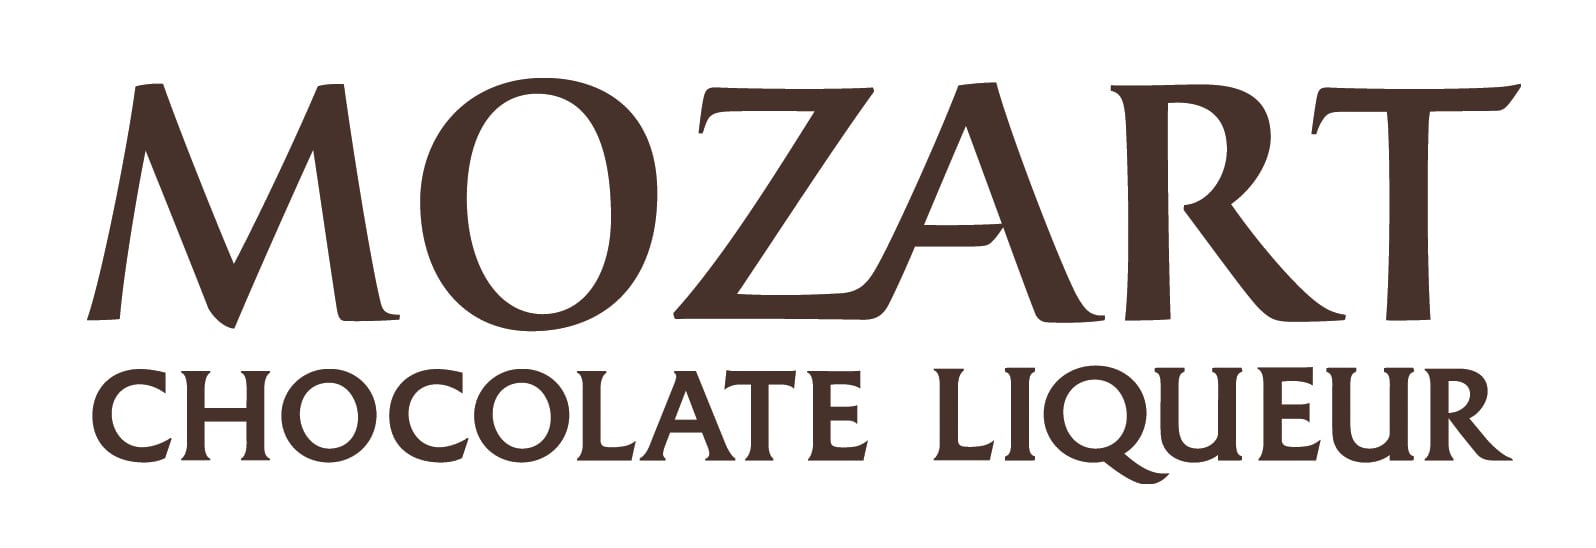 In den Mozart Schokoladenlikören vereinen sich erlesene Kakaosorten, echte Bourbonvanille und frische Sahne mit hochwertigen Zutaten zu einer süßen Verführung.